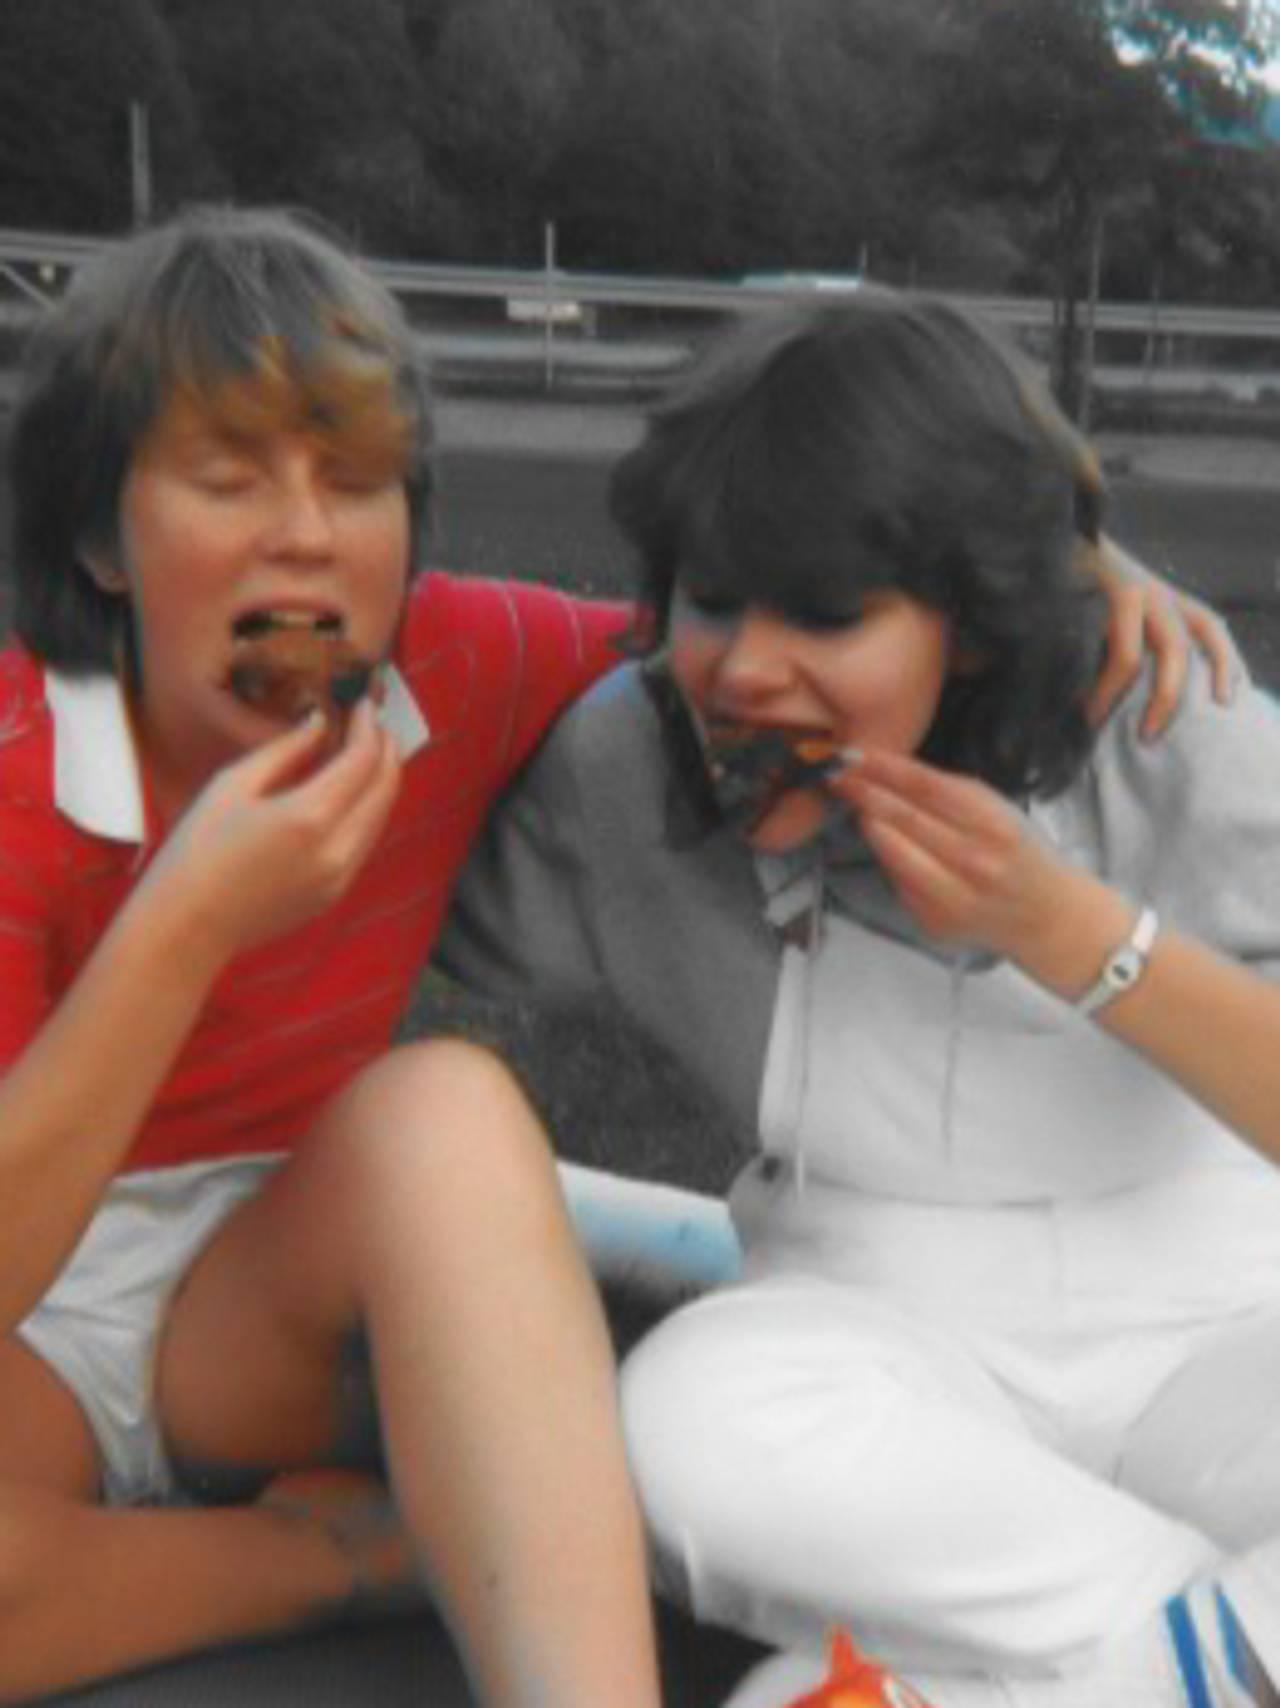 Ann-Kristin Bondevik og Anne Kari Thomassen spiser kake.